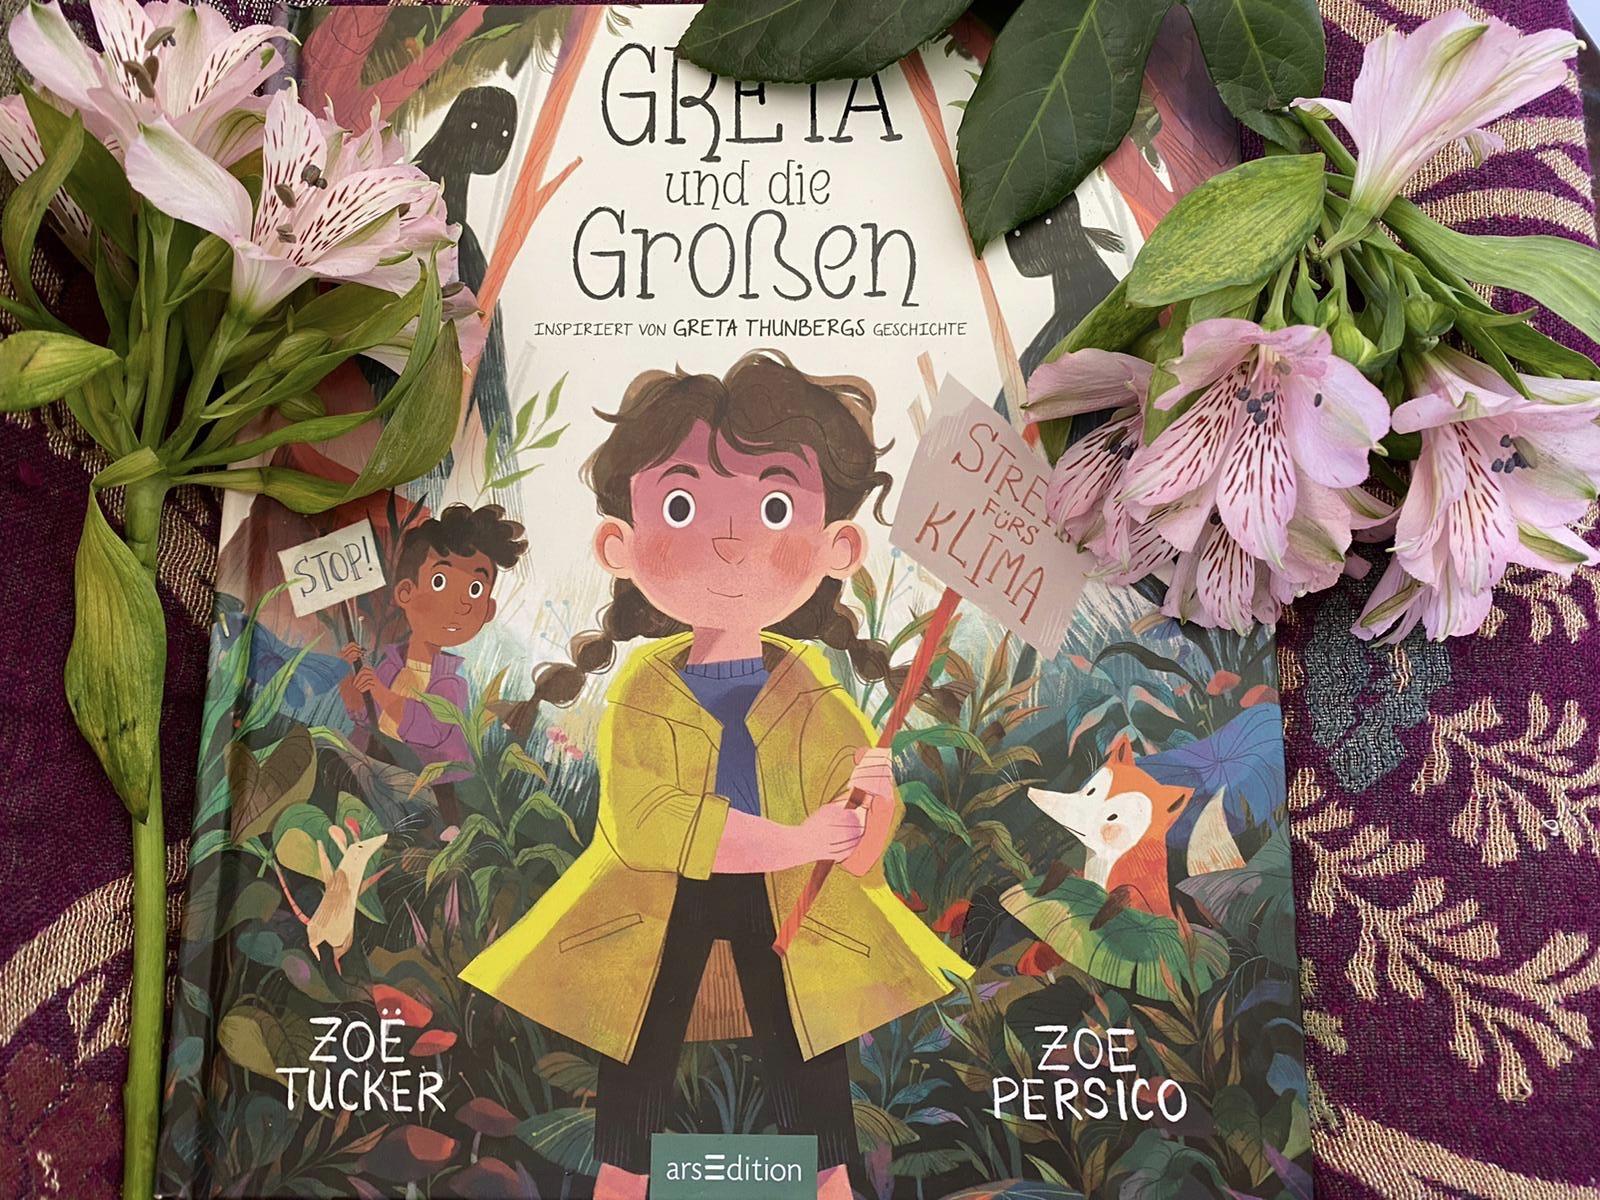 Zoë Tucker & Zoe Persico: Greta und die Großen. Inspiriert von Greta Thunbergs Geschichte